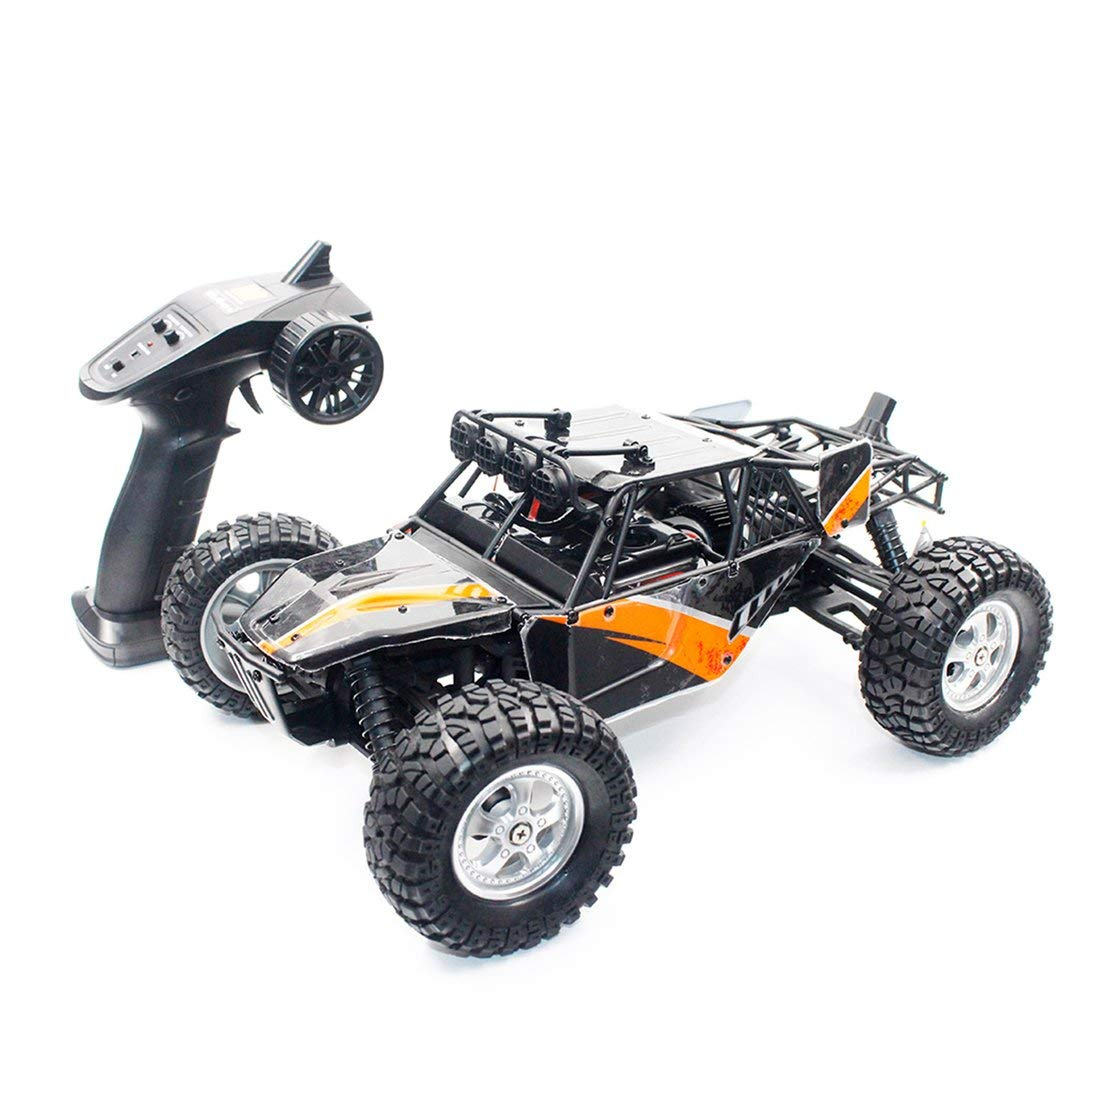 Hermosairis HBX 12815 1/12 2.4G 4WD 30km / h h h Racing Brushed RC Auto Off-Road-Wüsten-LKW mit LED-Licht-Spielzeug für Kinder e1c734